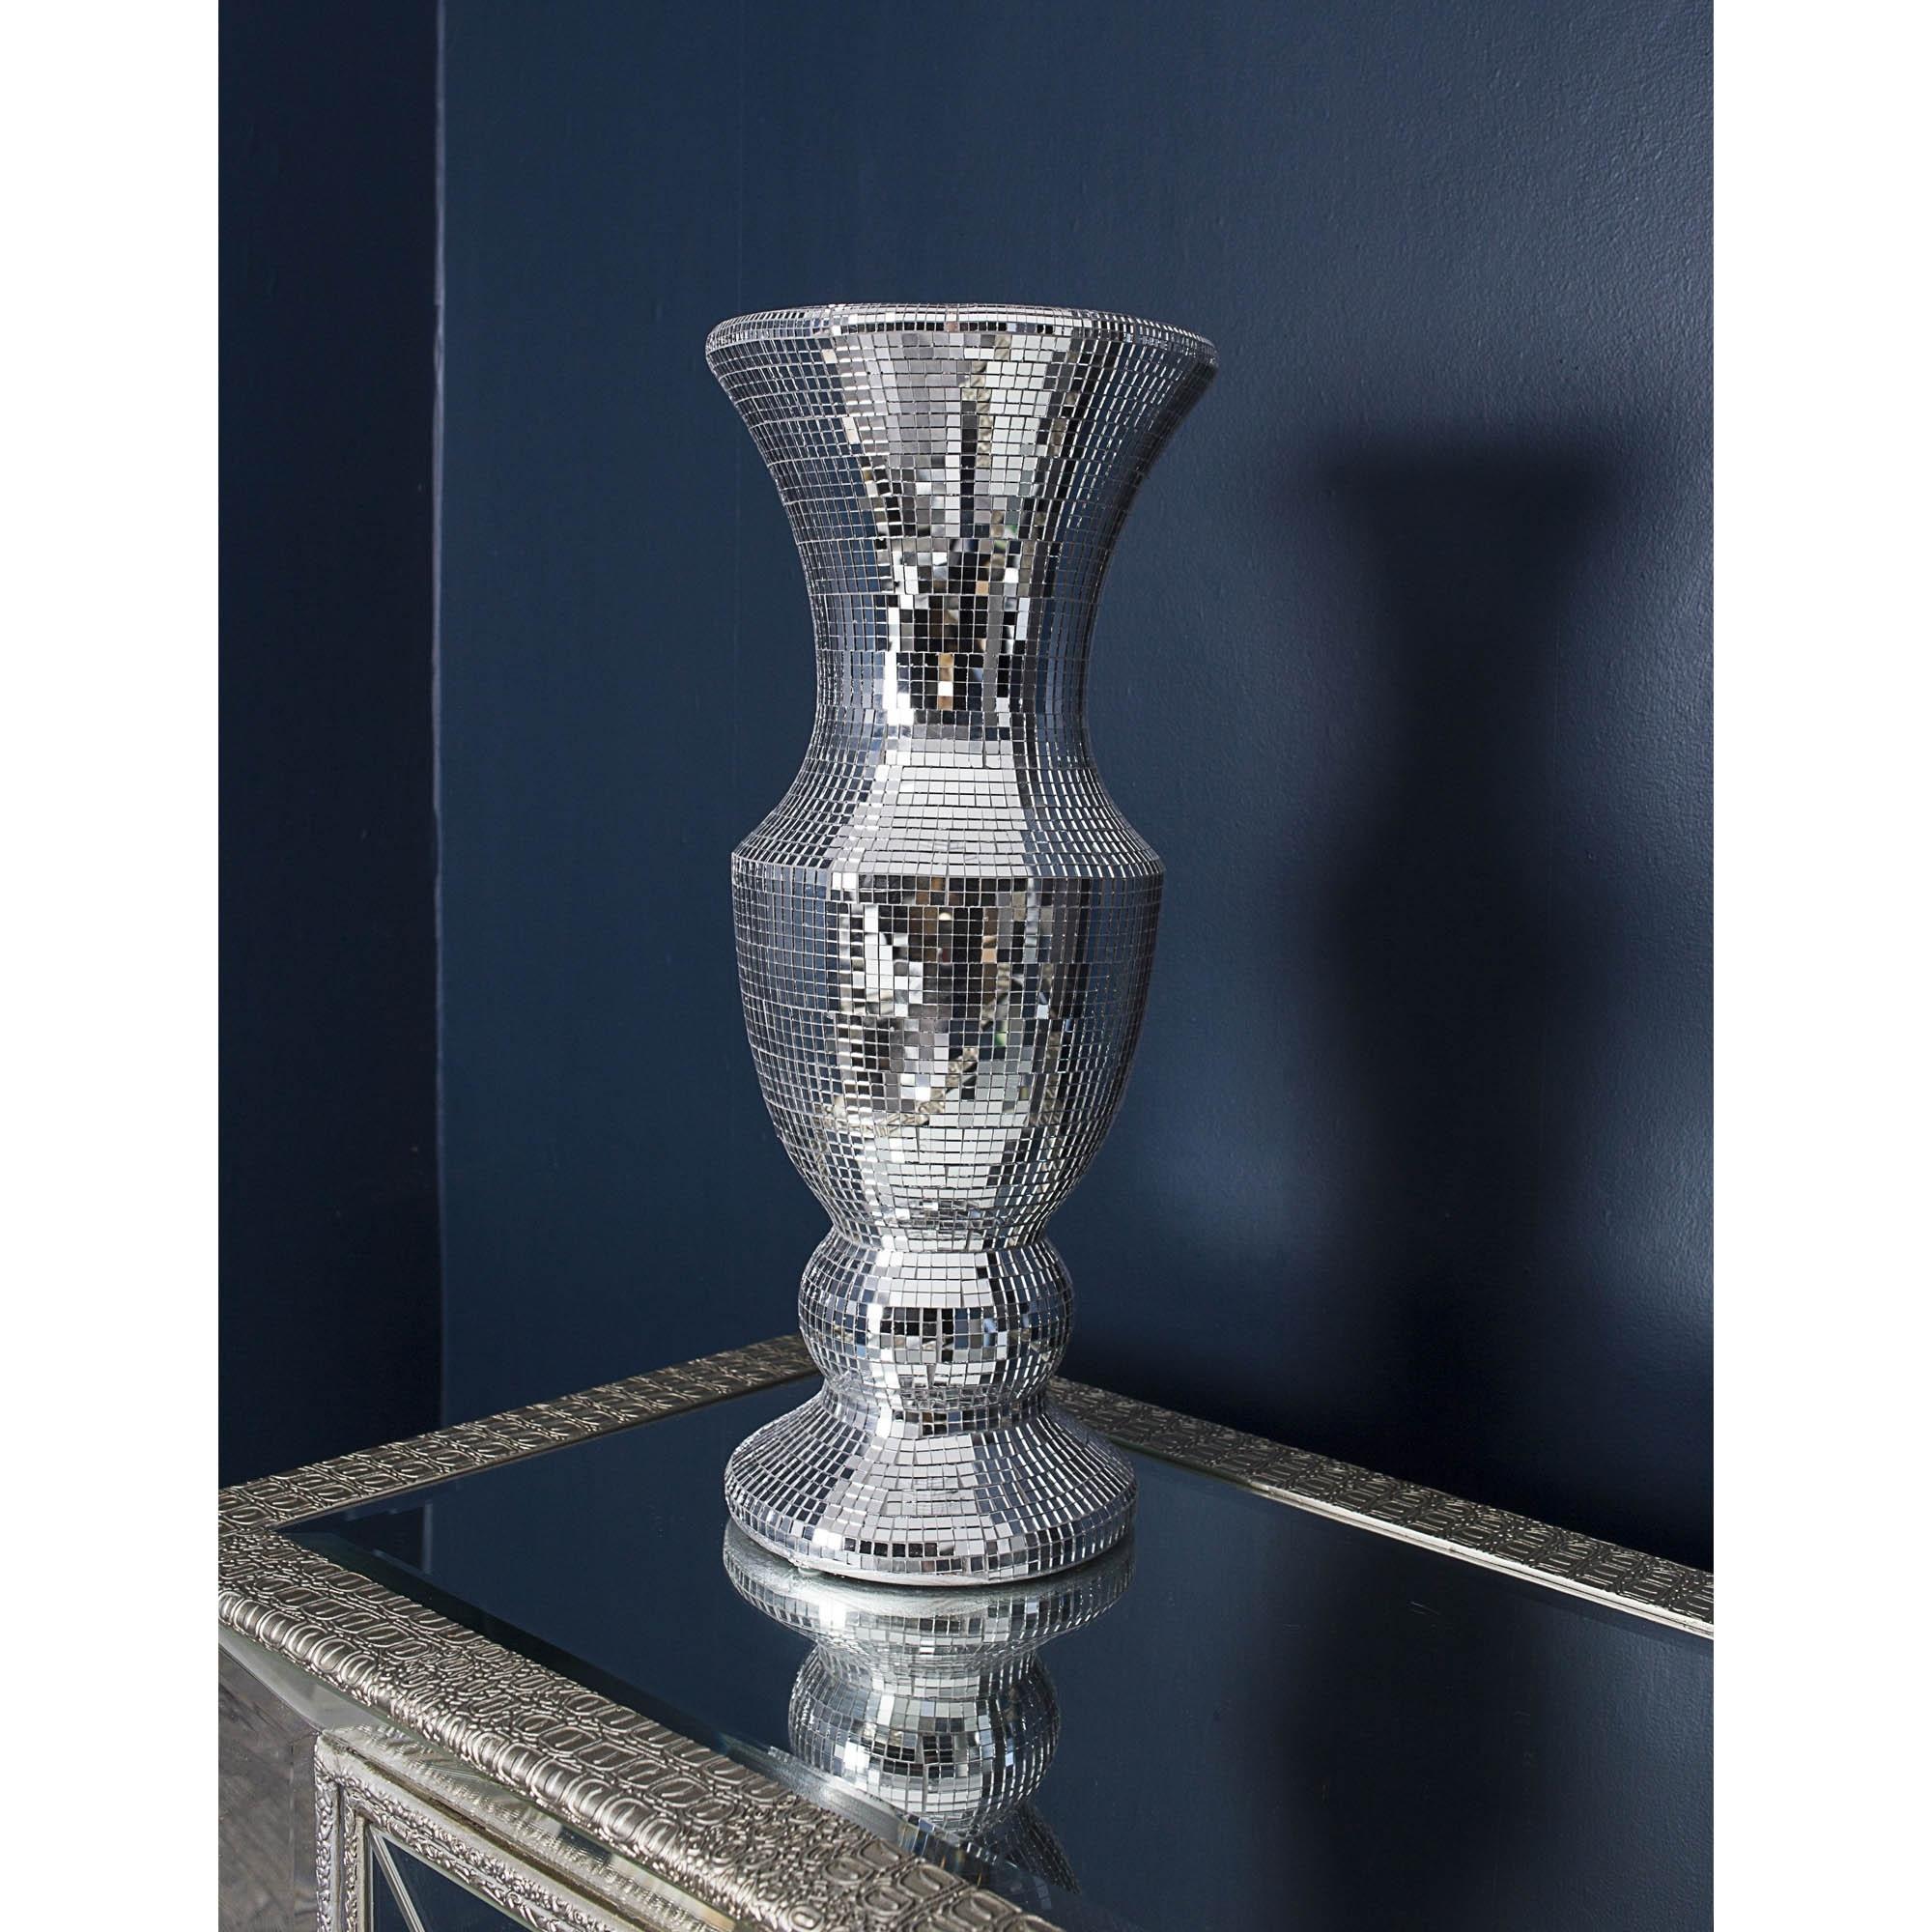 Mirrored glass mosaic vase vase homesdirect365 mirrored glass mosaic vase reviewsmspy